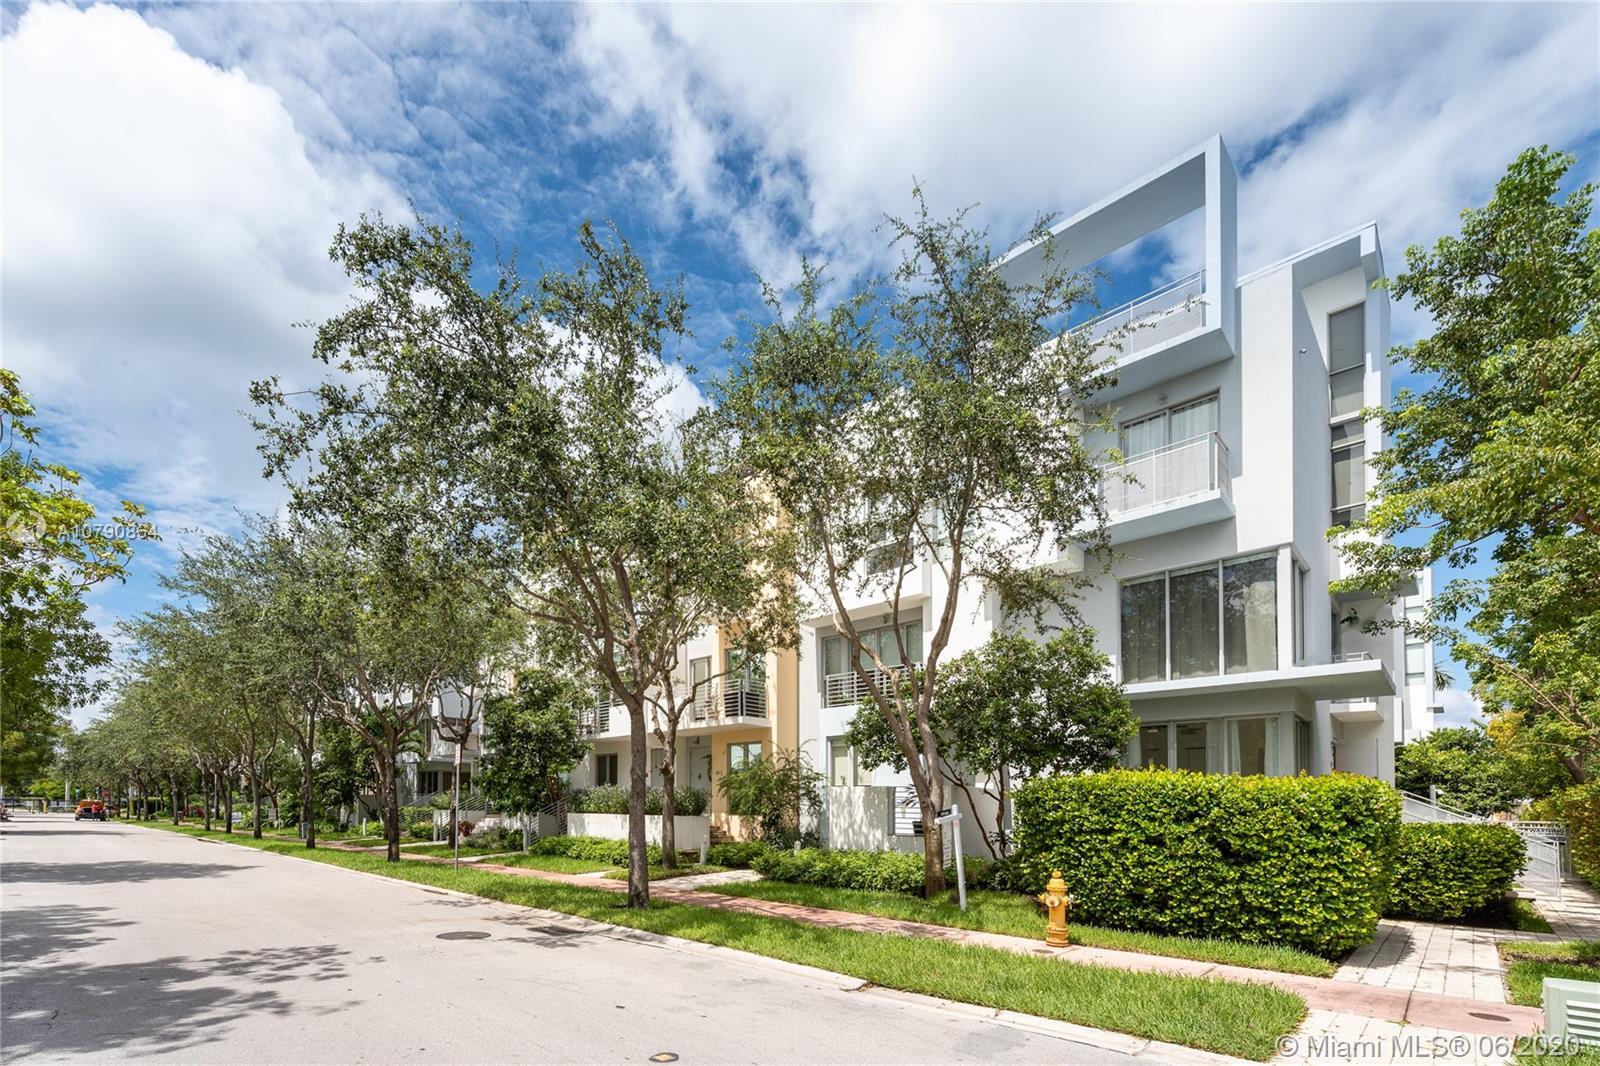 163 N Shore Dr #163-1 For Sale A10790864, FL